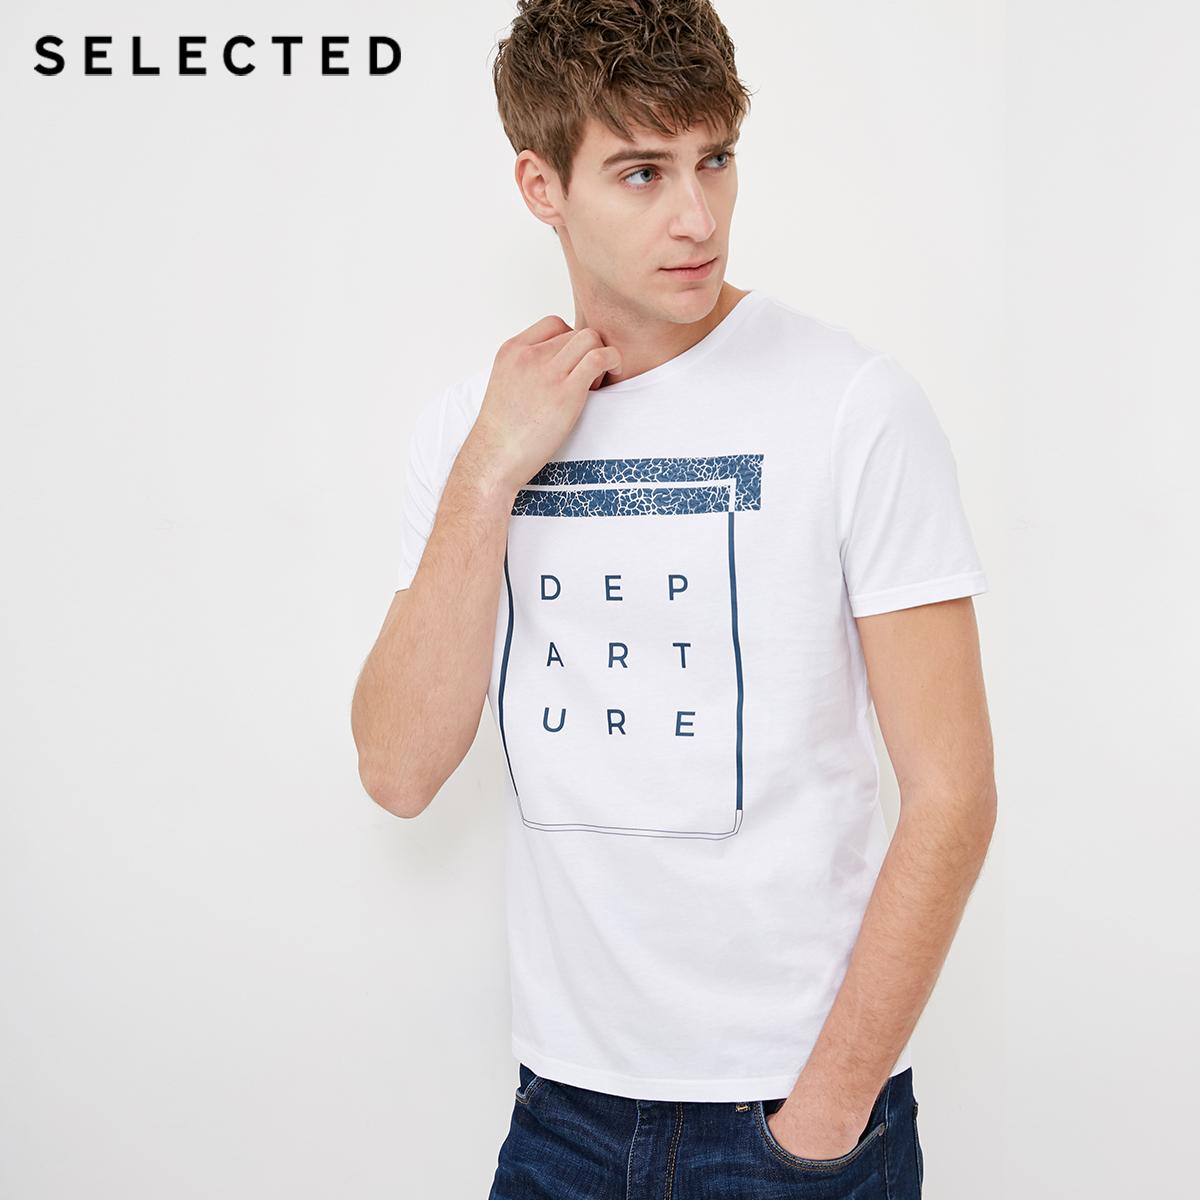 Собирать SELECTED мысль сорняки мораль хлопок мужчина трехмерный алфавит круглый вырез случайный короткий рукав T футболки C|4182T4530